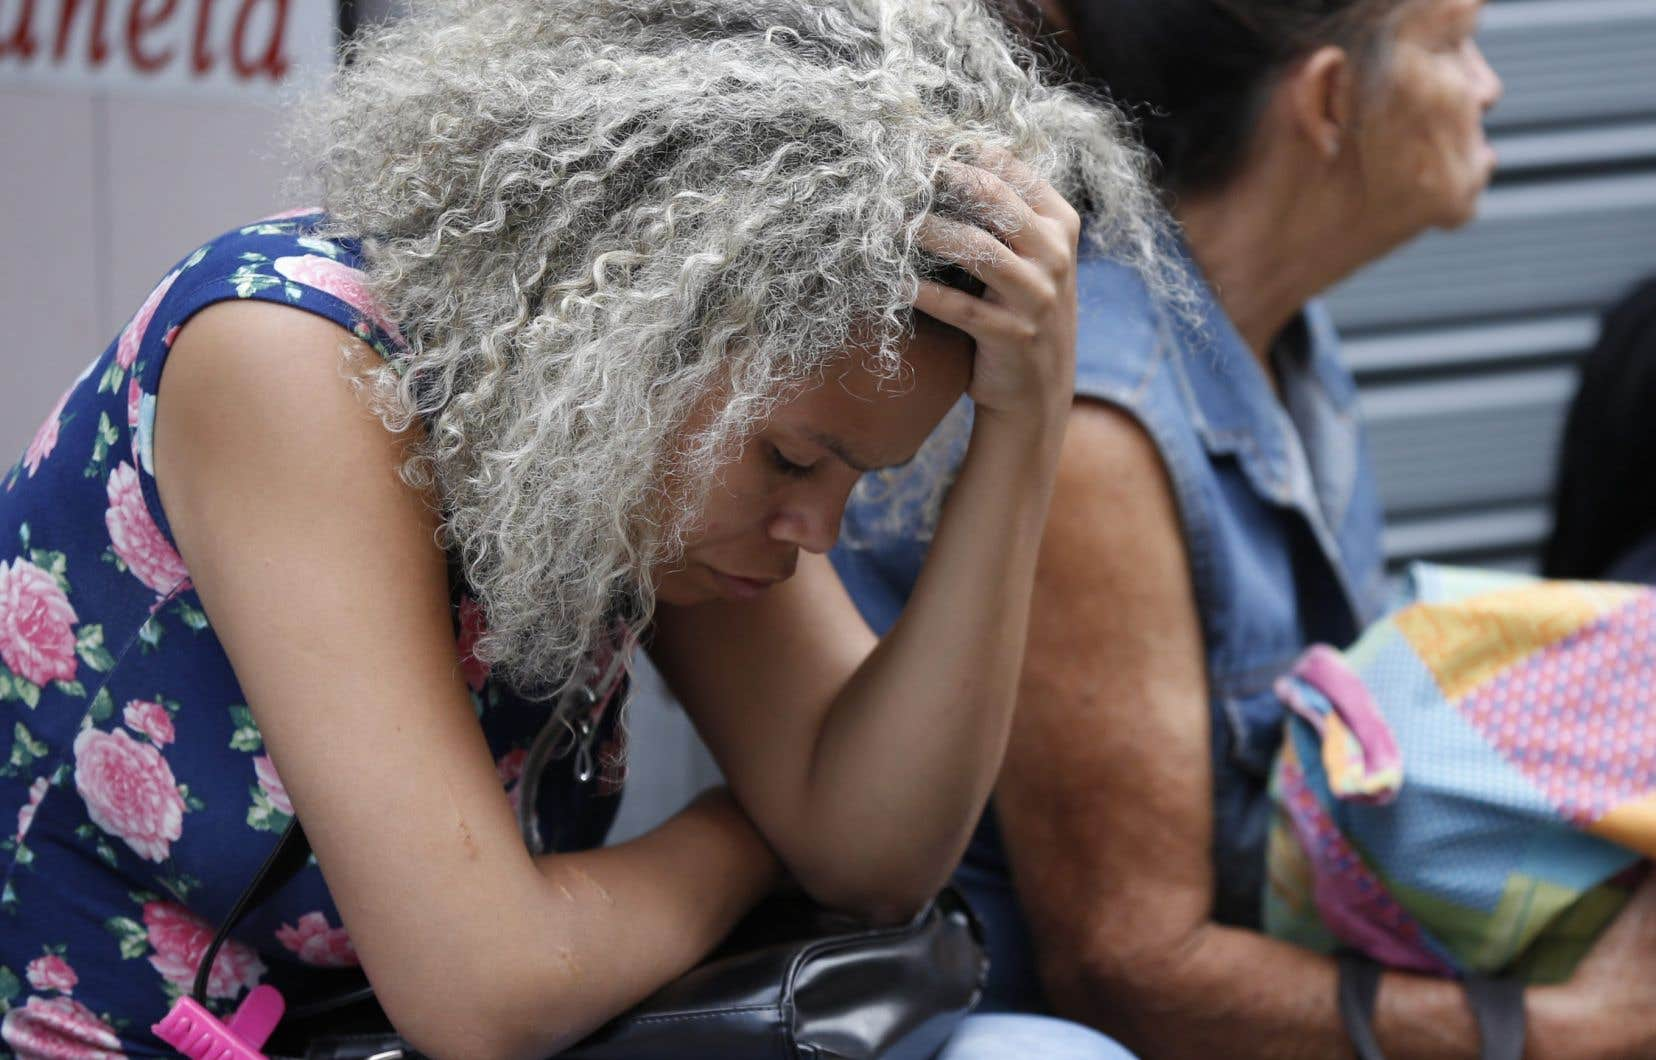 Une bagarre a éclaté samedi à l'aube dans un club de Caracas au Venezuela.